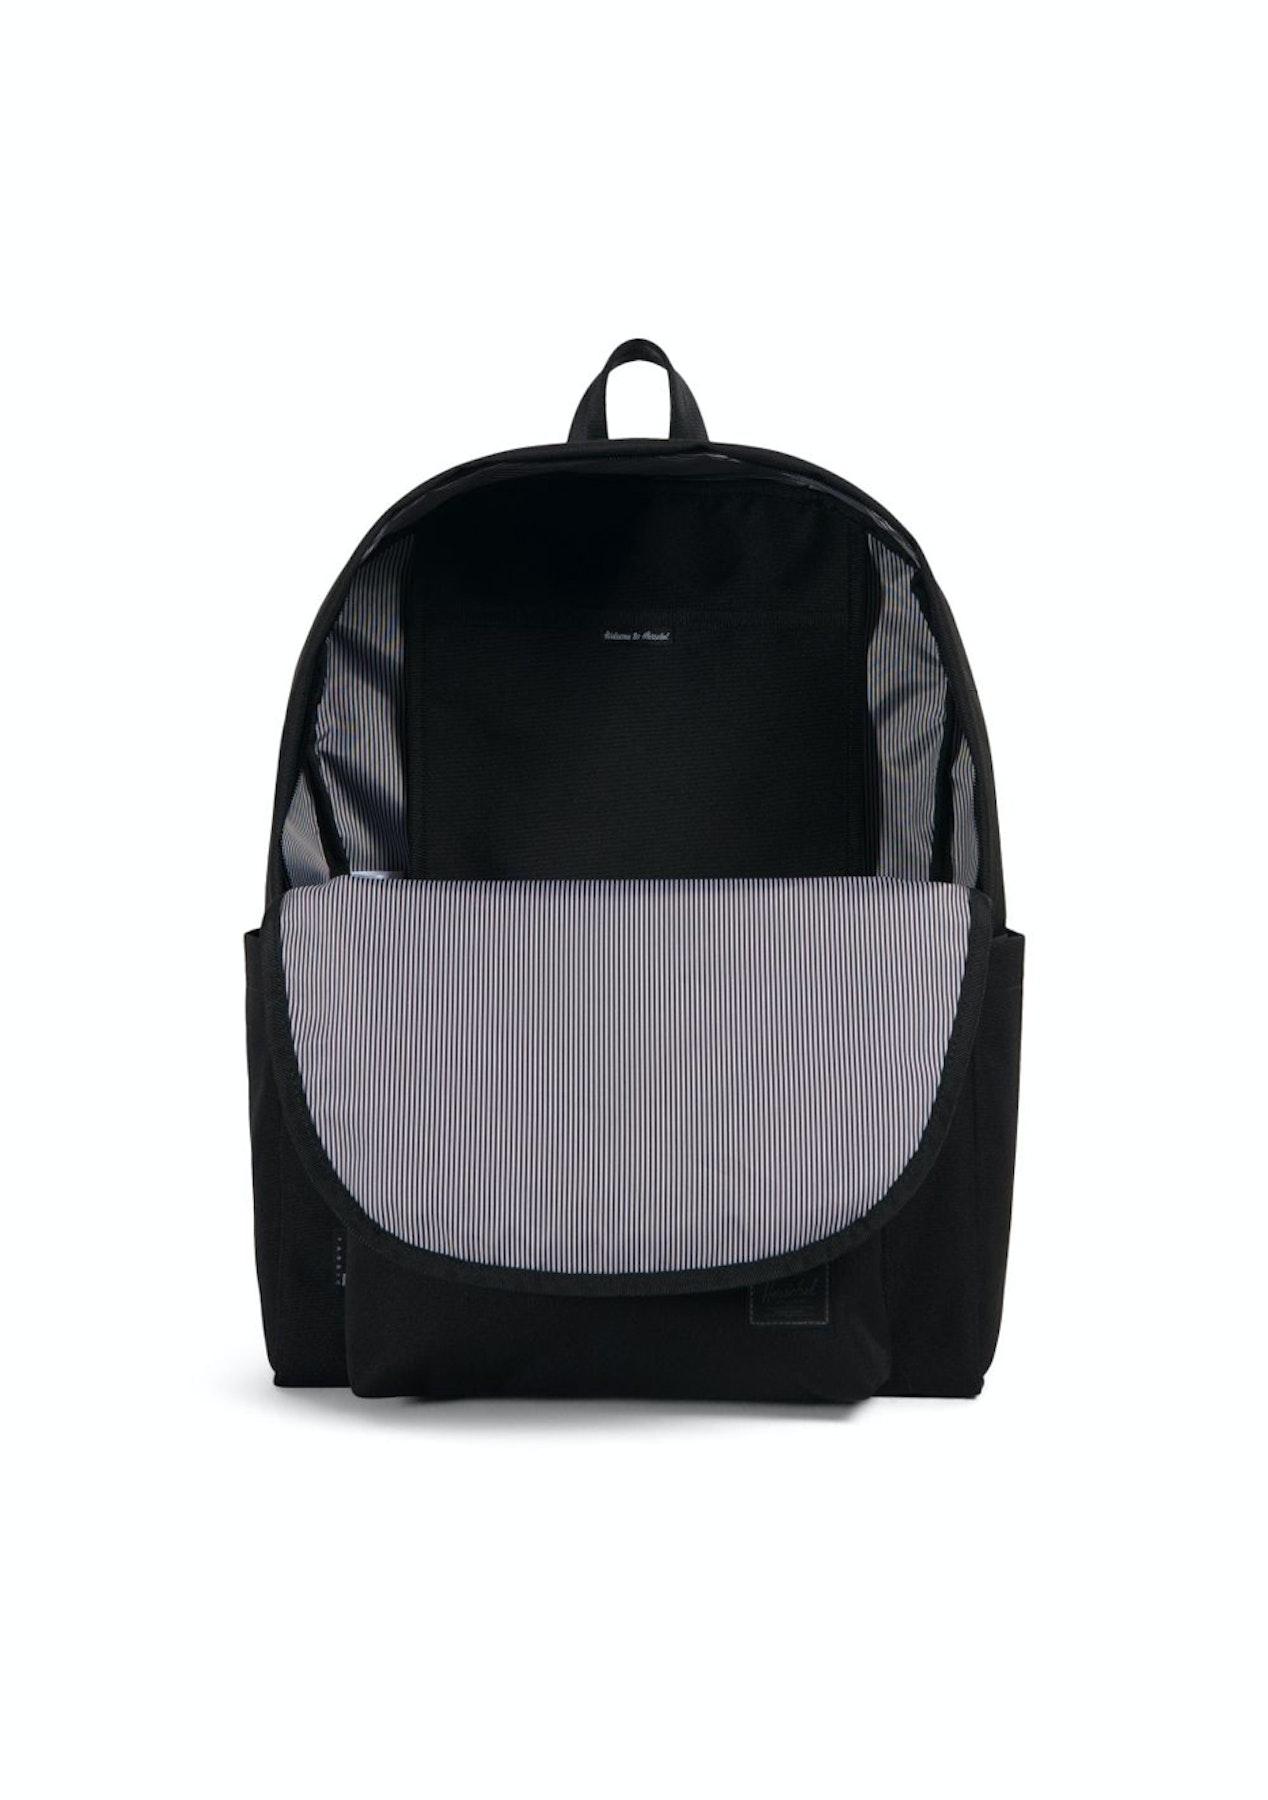 Herschel - Berg Backpack - Black - 50% Off Herschel - Onceit a59dac6032dd2